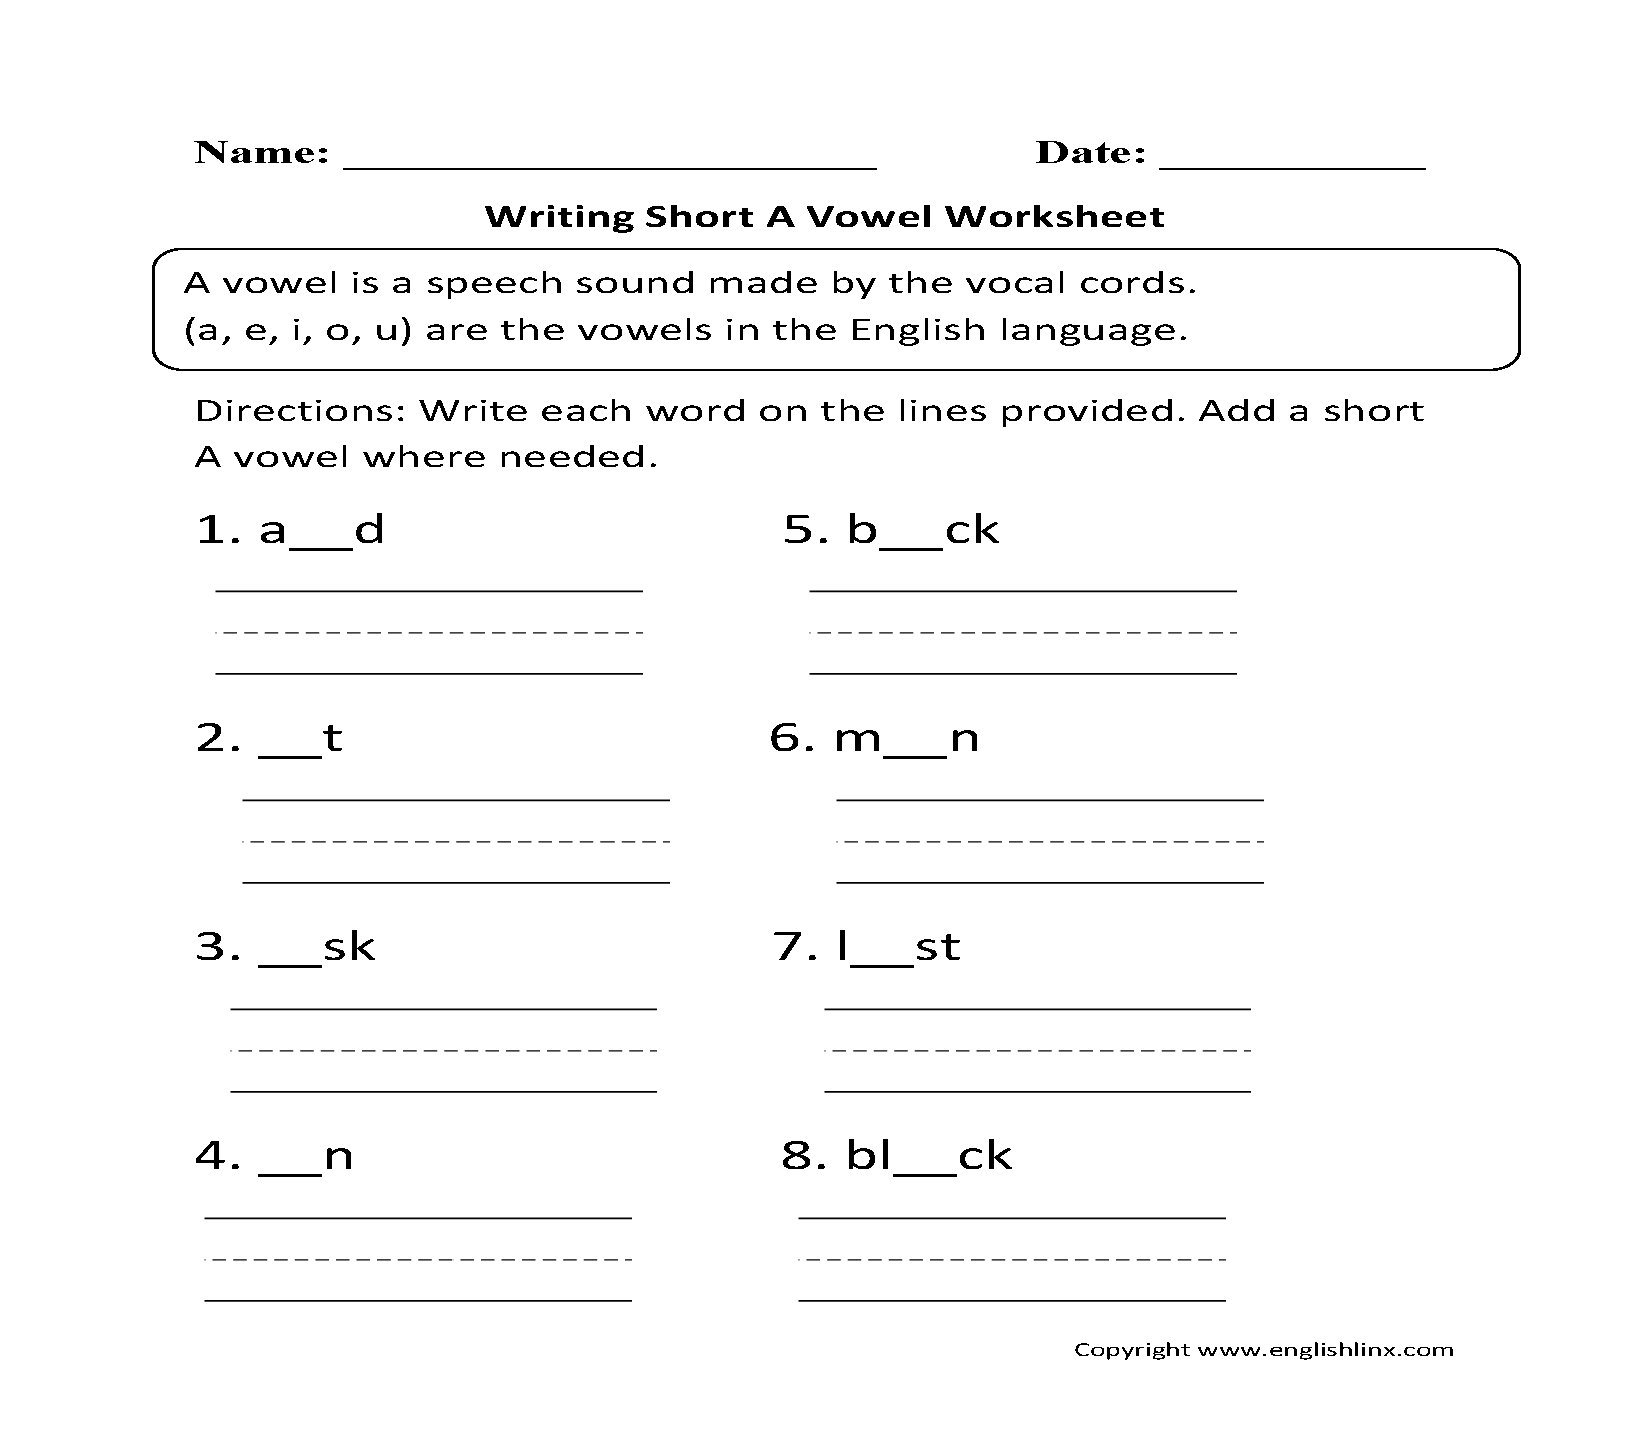 Worksheet Short And Long Vowel Worksheet vowel worksheets short and long writing a worksheets